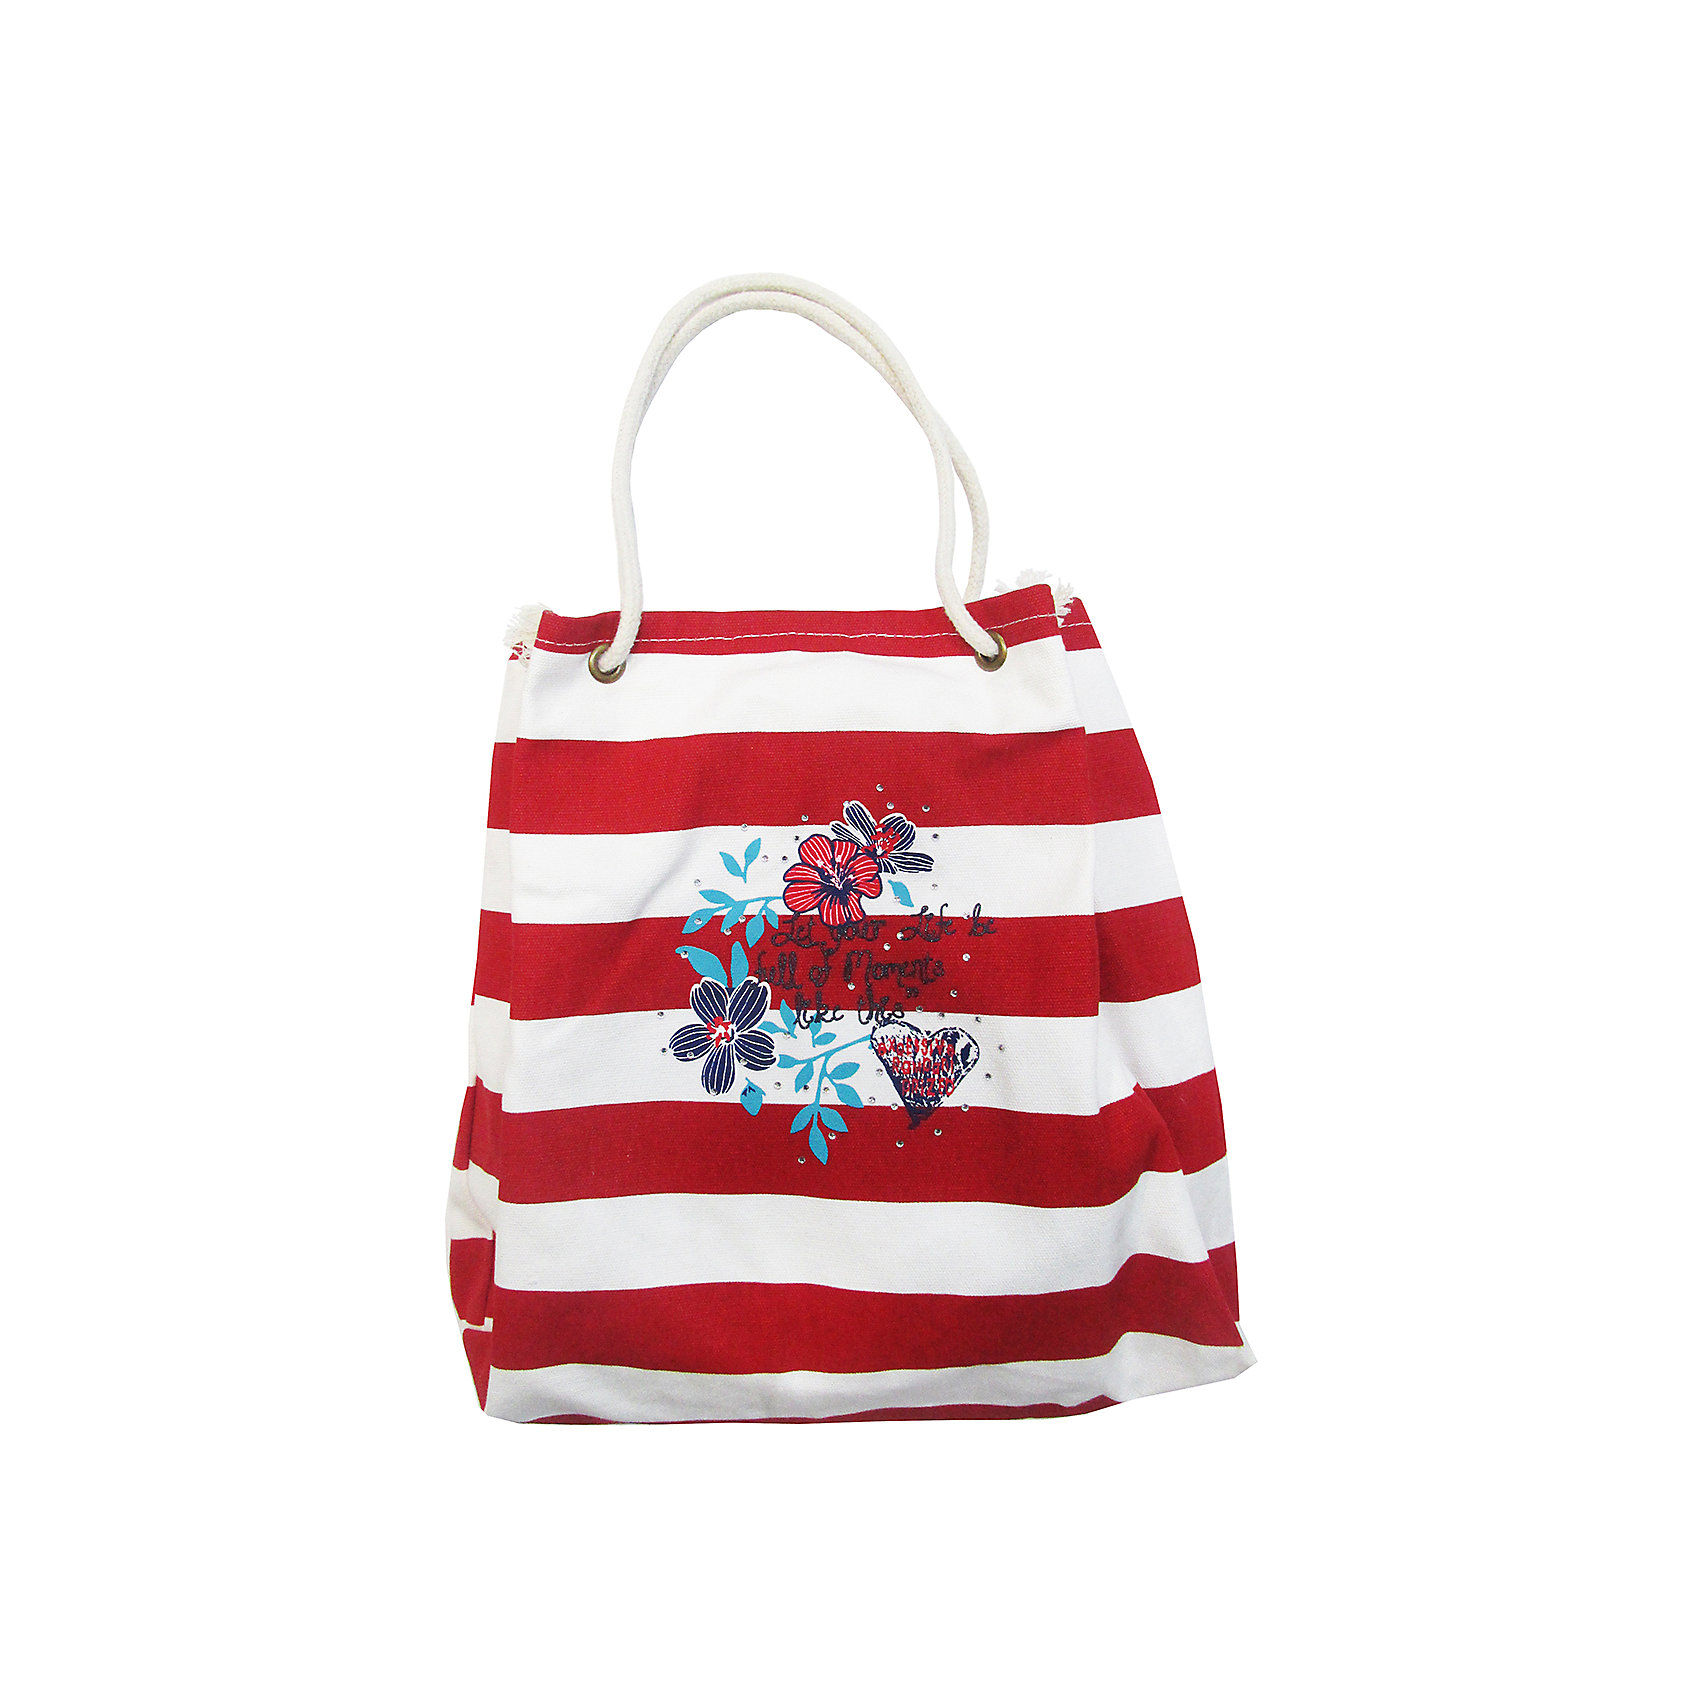 Сумка для девочки LuminosoАксессуары<br>Текстильная сумка для девочки в полоску декорированная цветочным принтом.<br>Состав:<br>100%хлопок,подкладка 100% полиэстер<br><br>Ширина мм: 170<br>Глубина мм: 157<br>Высота мм: 135<br>Вес г: 117<br>Цвет: белый<br>Возраст от месяцев: 24<br>Возраст до месяцев: 144<br>Пол: Женский<br>Возраст: Детский<br>Размер: one size<br>SKU: 5413557